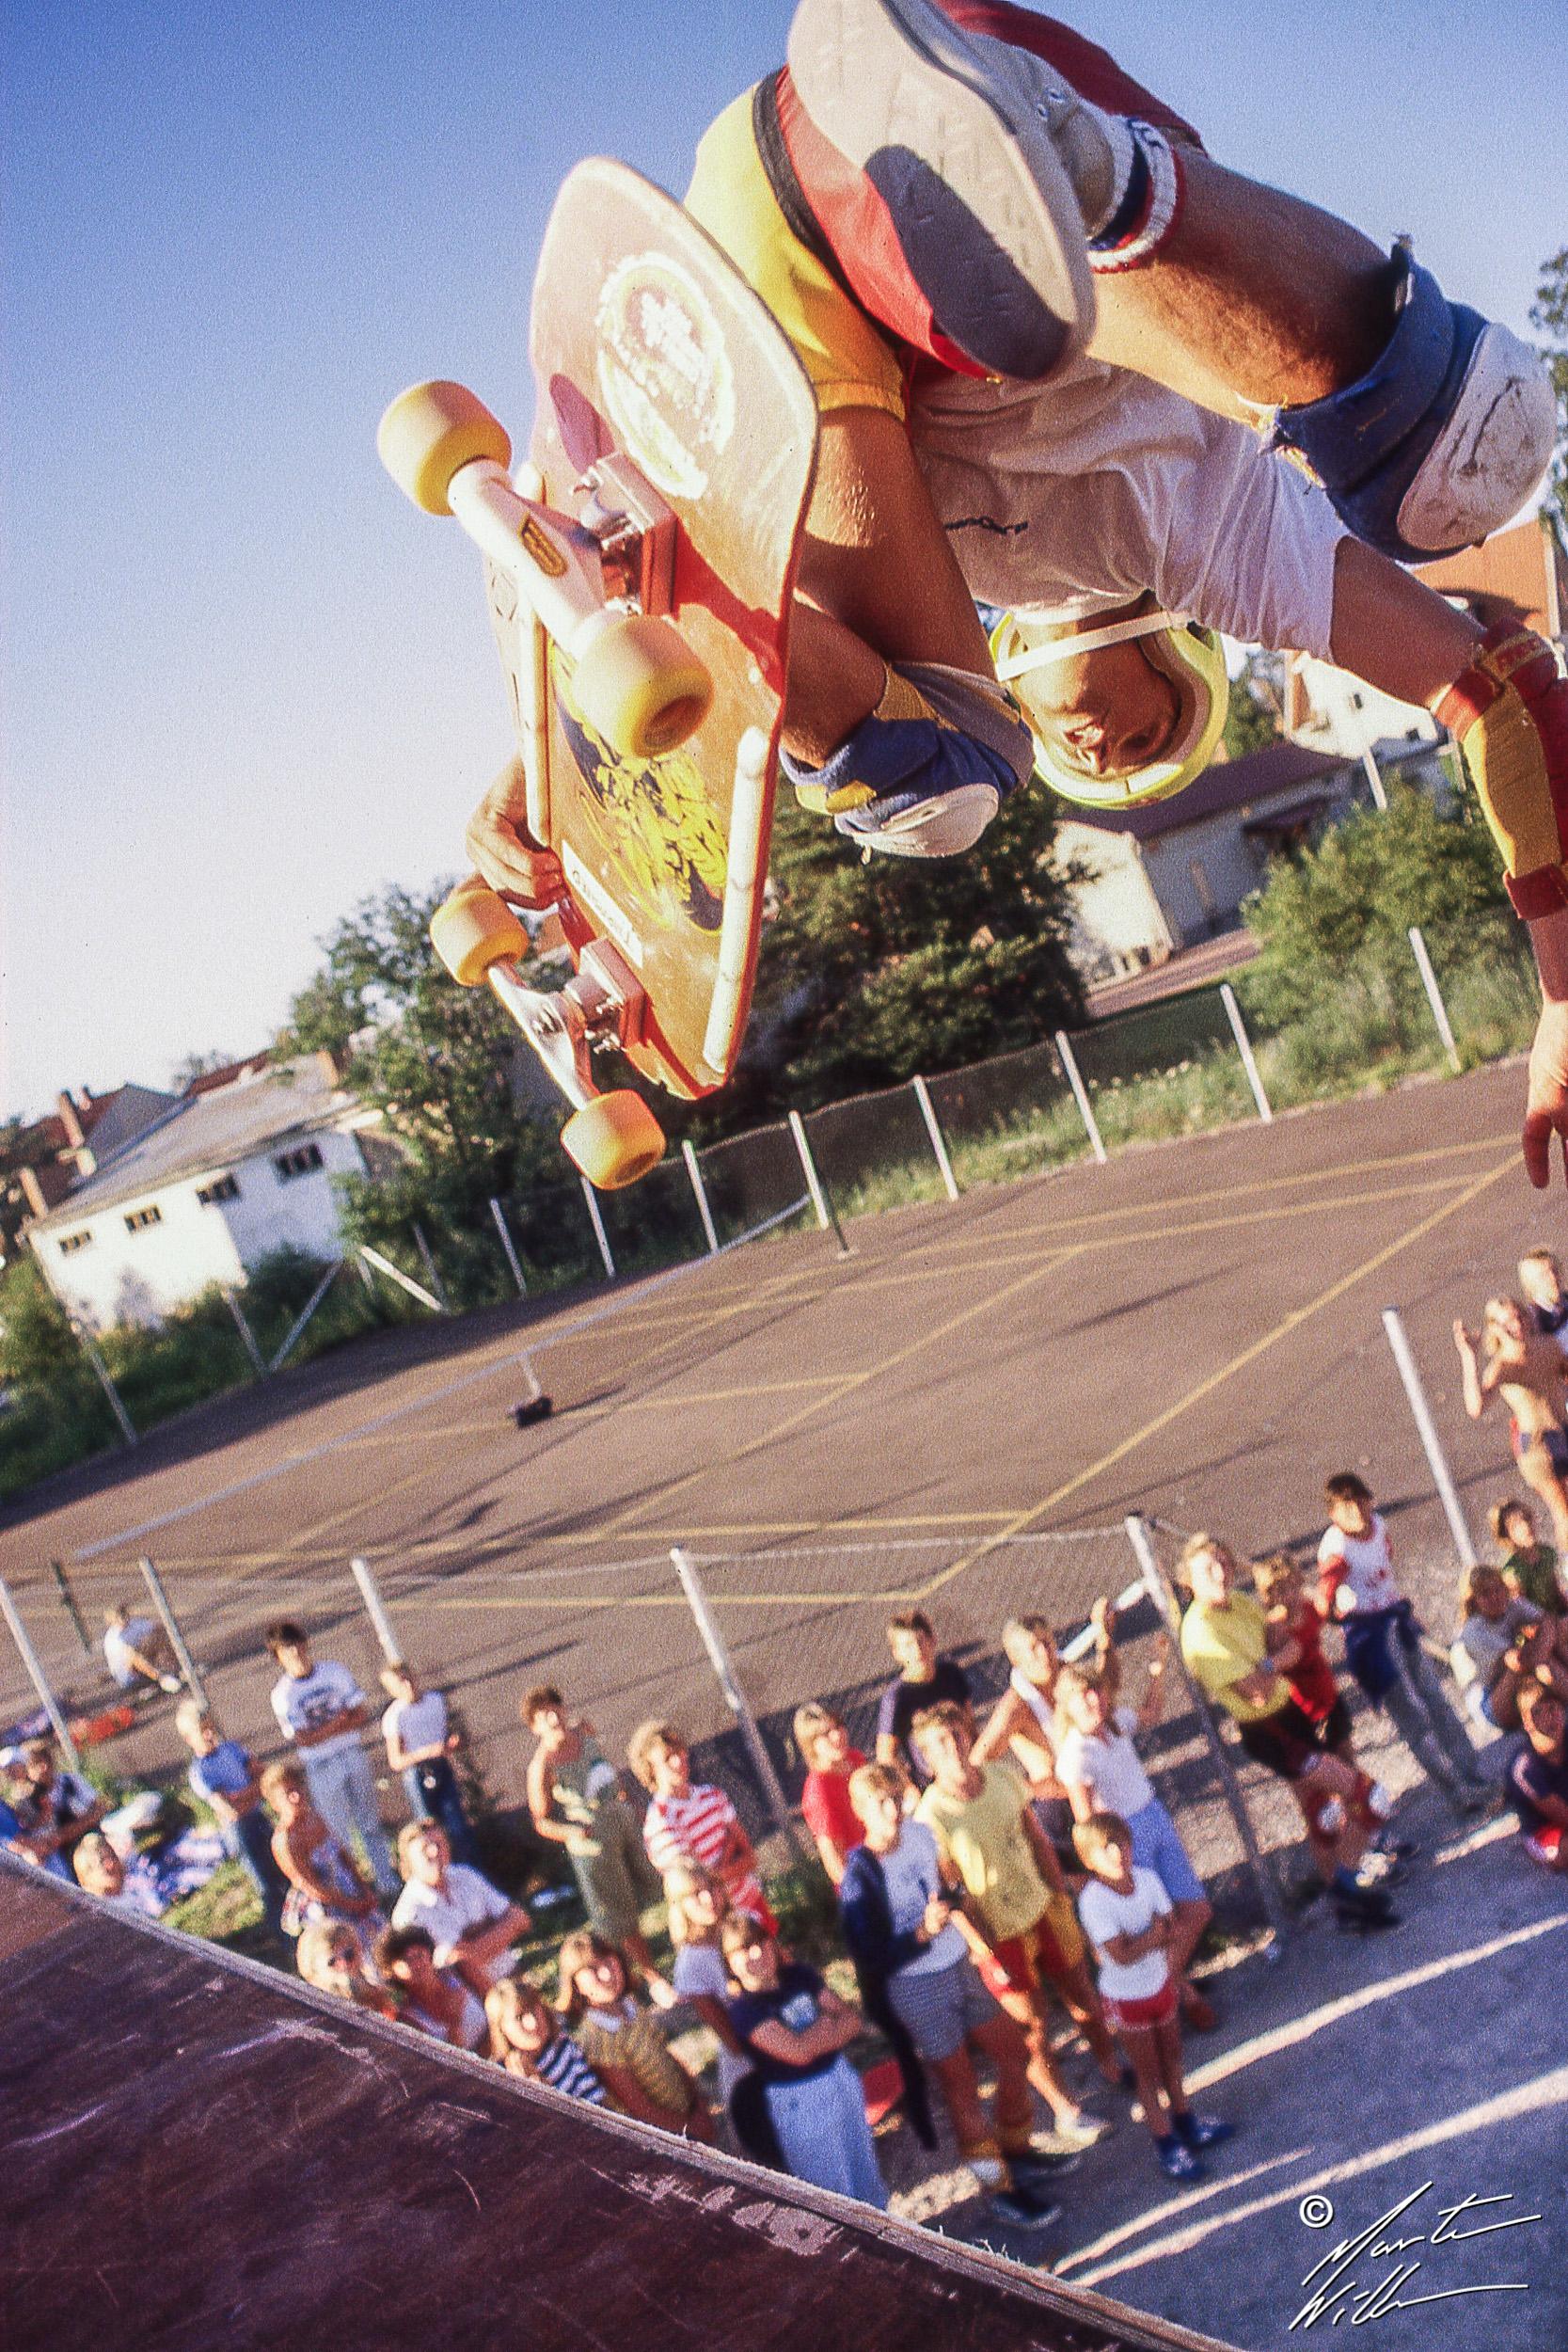 Mats Trane, Backside air,  Eurocana Summer Camp, Rättvik 1981